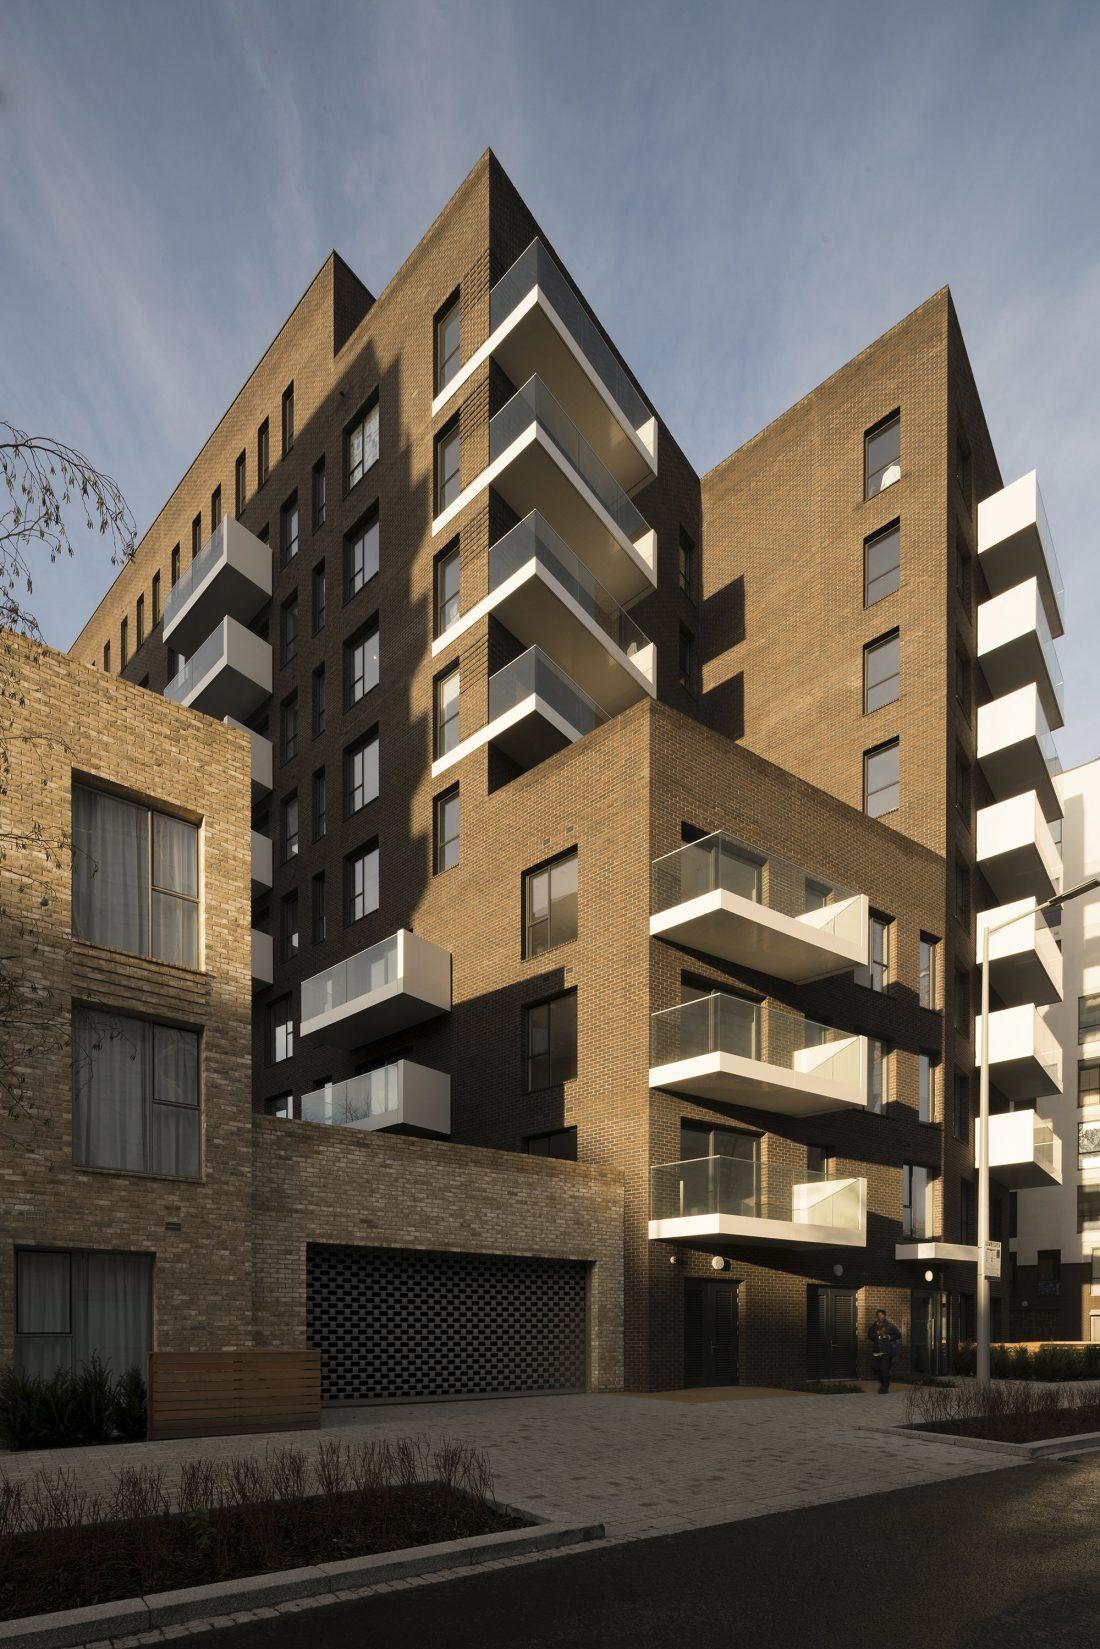 Жилой комплекс Greenwich Peninsula Riverside в Лондоне по проекту C.F. Moller 8